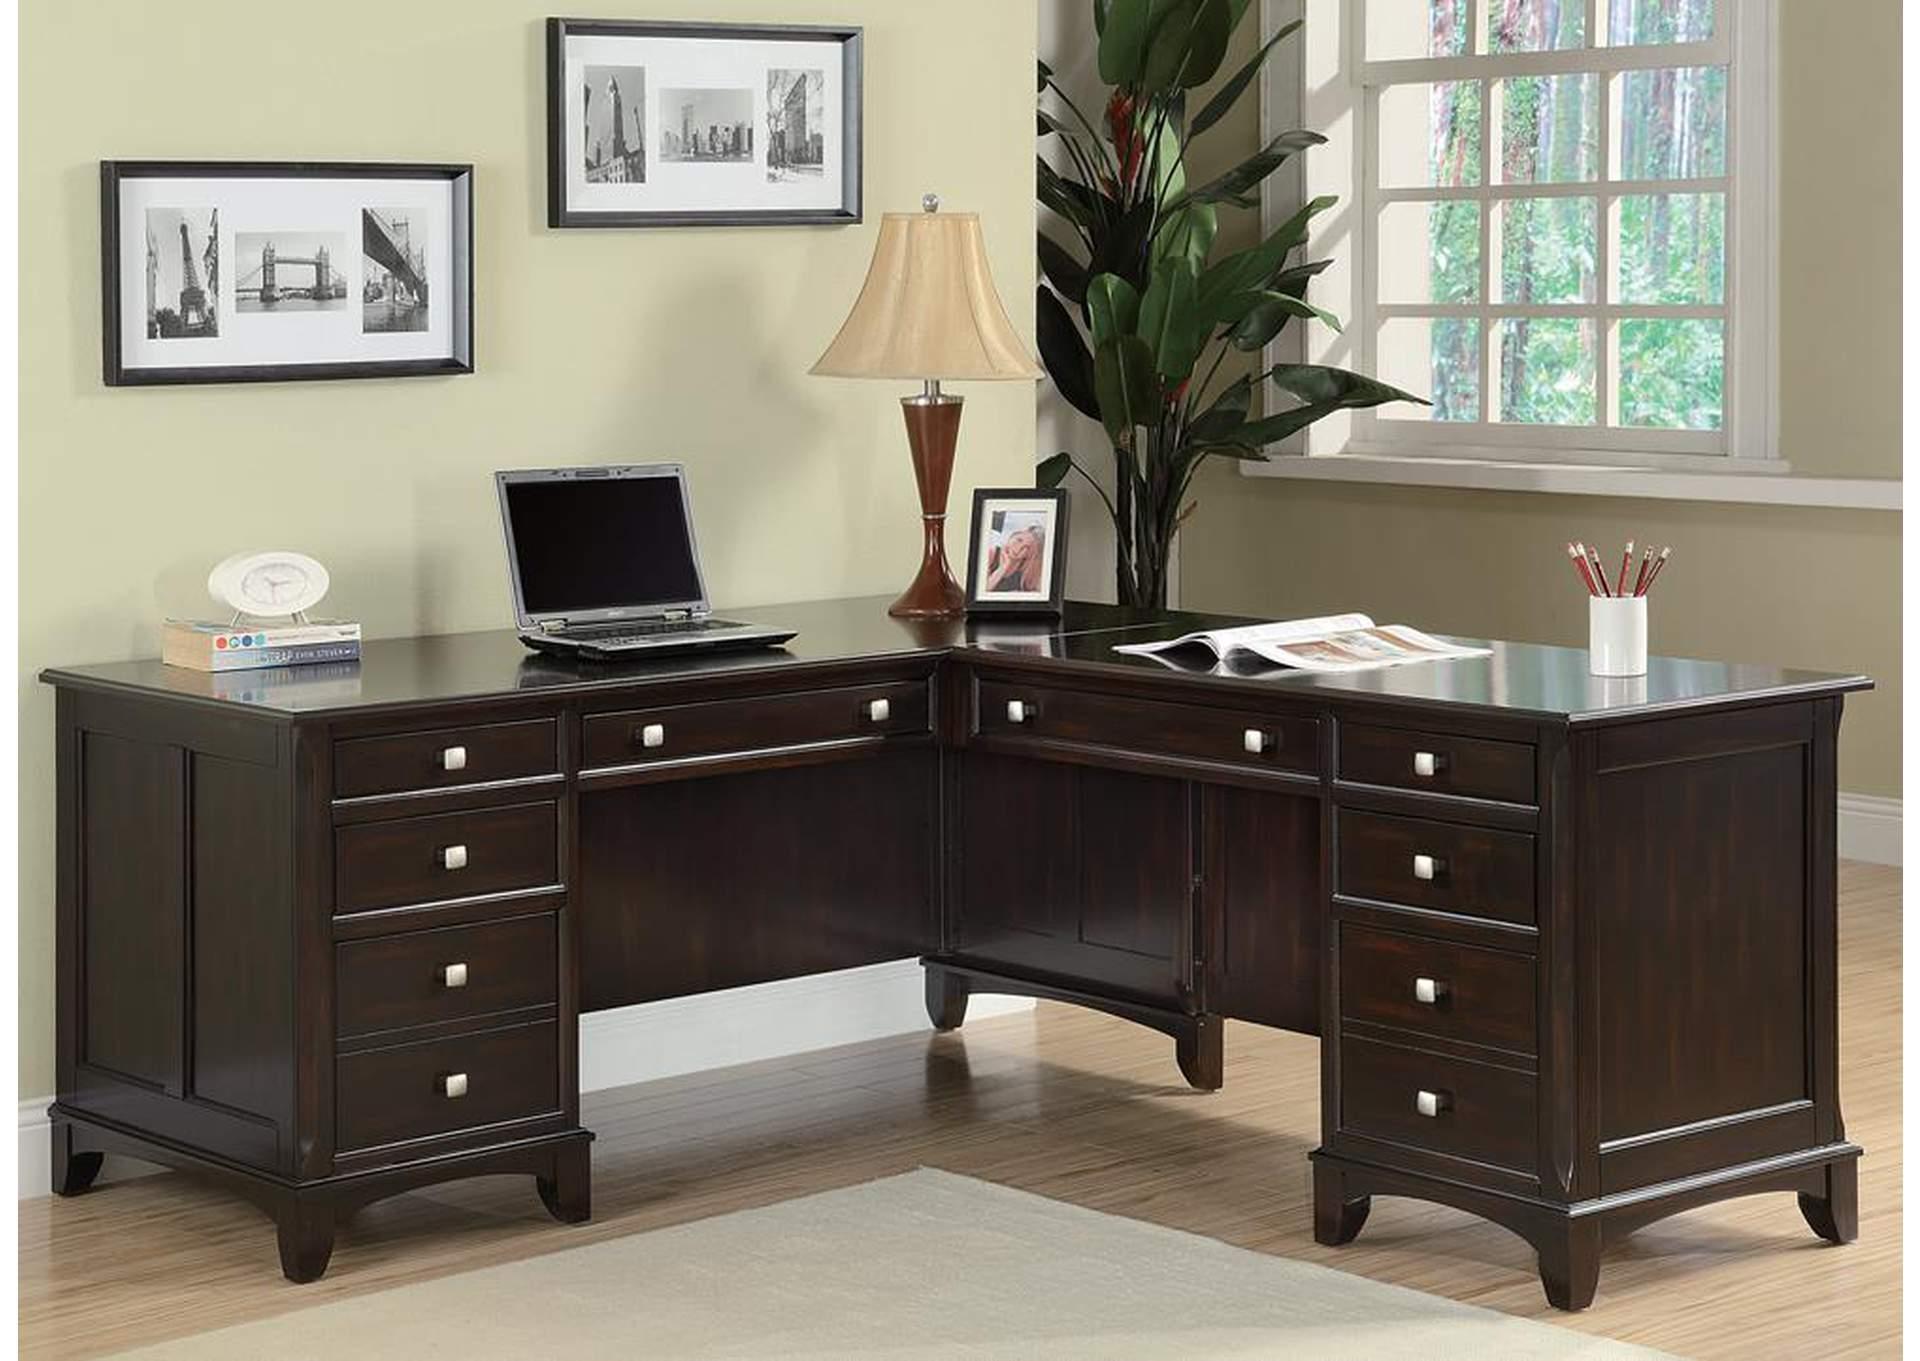 Charmant Cappuccino Office Desk,Coaster Furniture